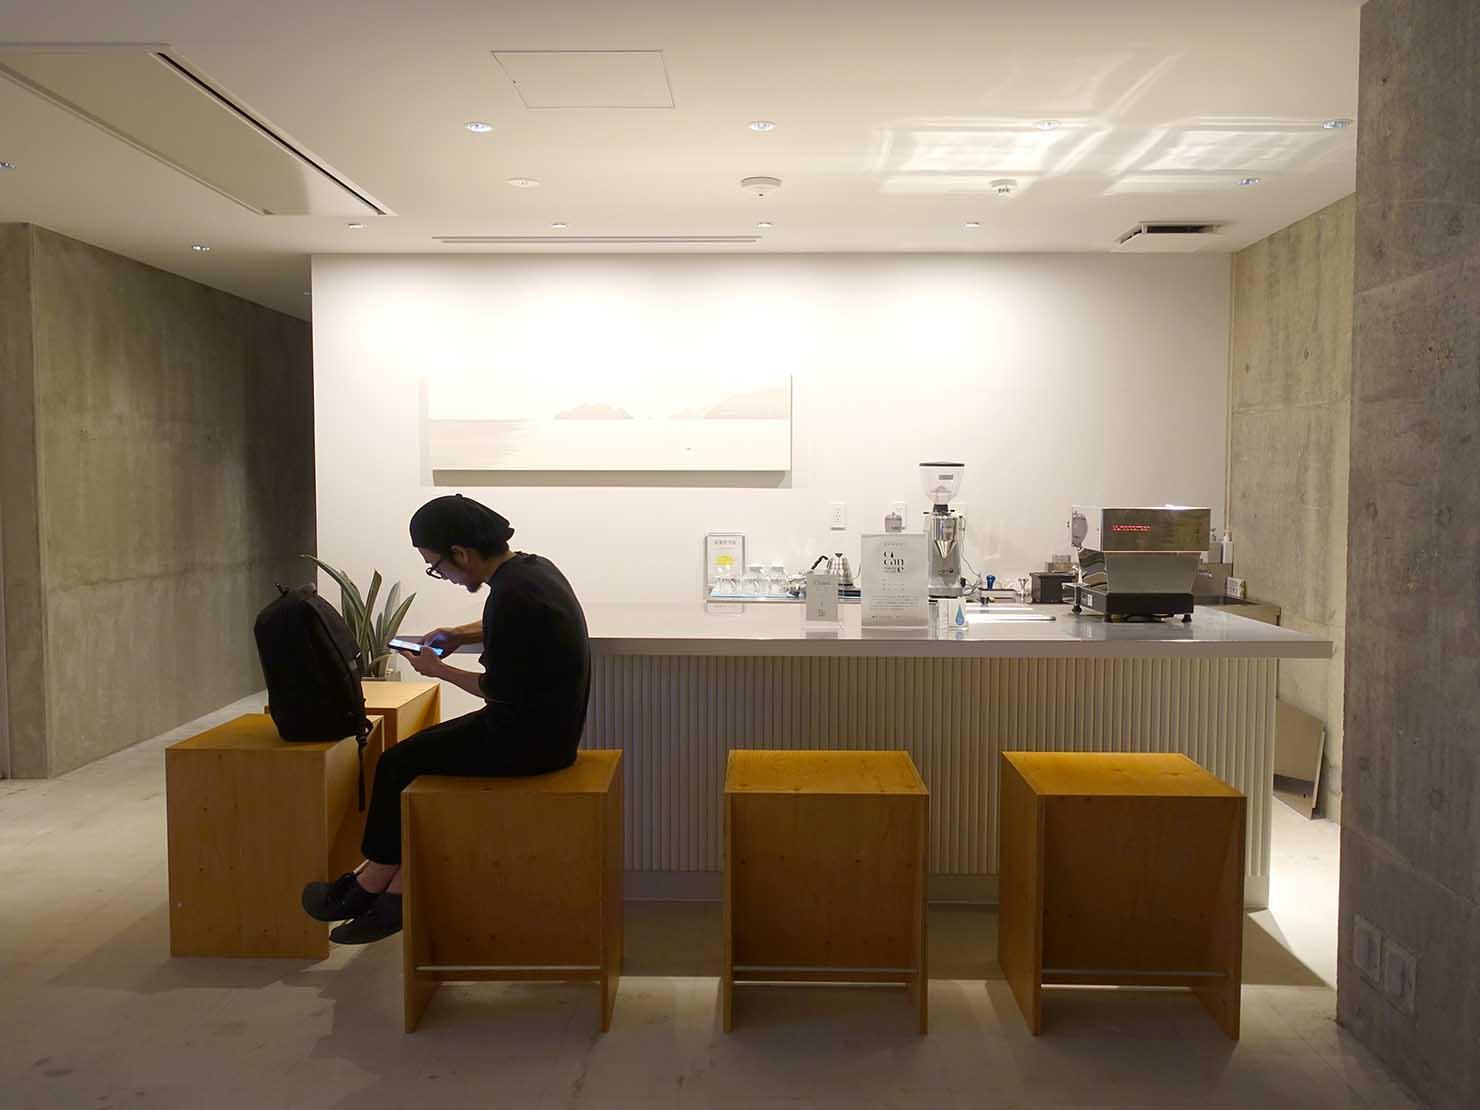 広島・八丁堀のおしゃれなリノベホテル「KIRO広島 The Share Hotels」のカフェスペース